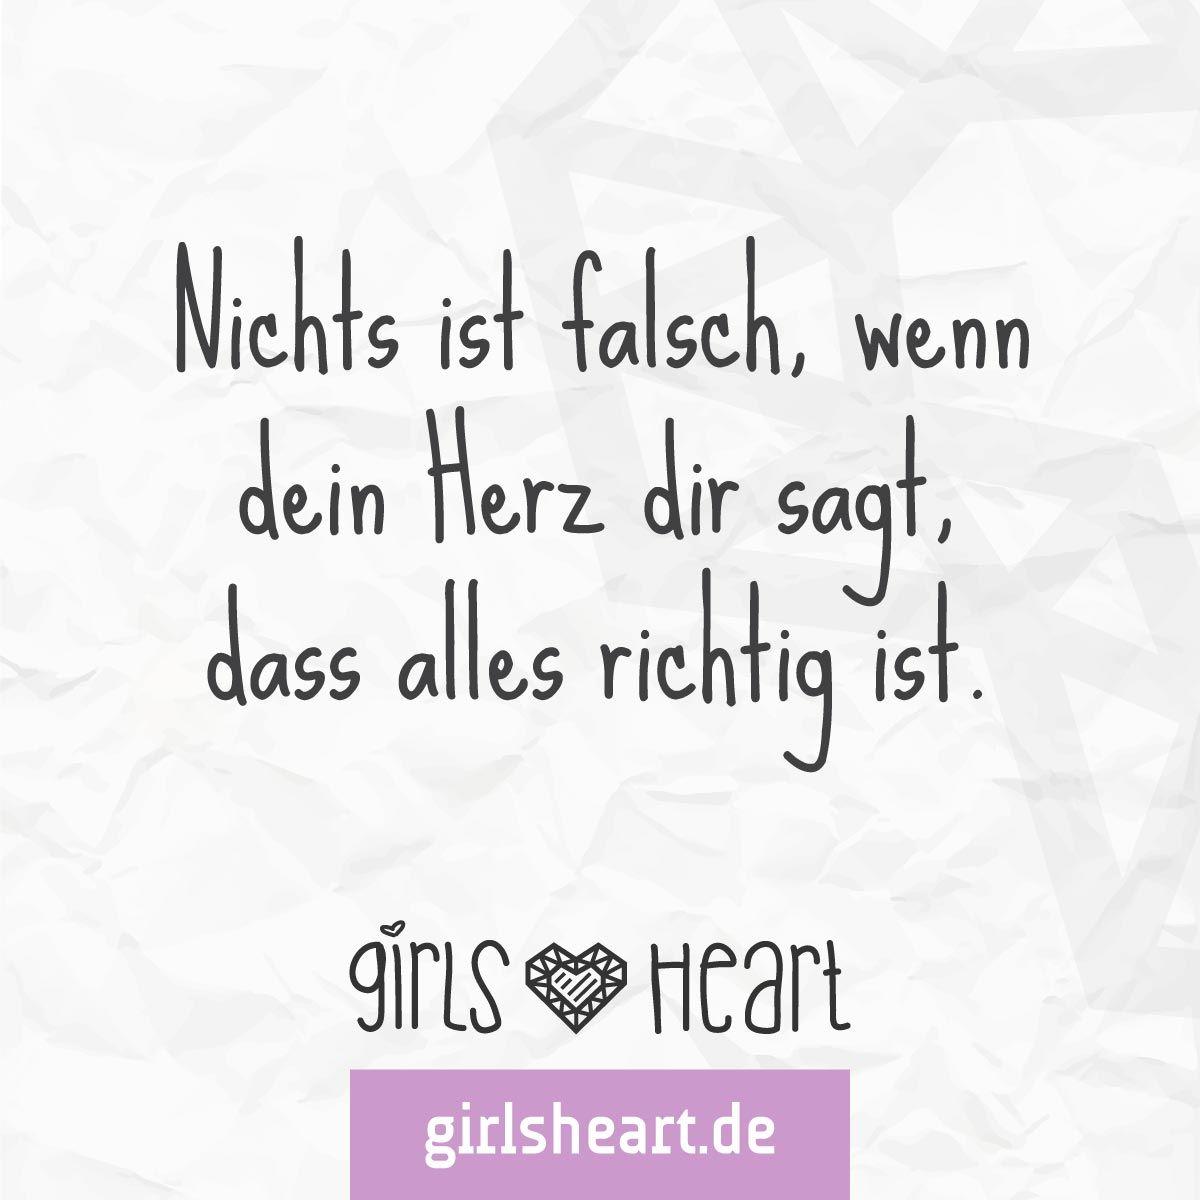 Hört Auf Euer Herz! Mehr Sprüche Auf: Www.girlsheart.de #liebe